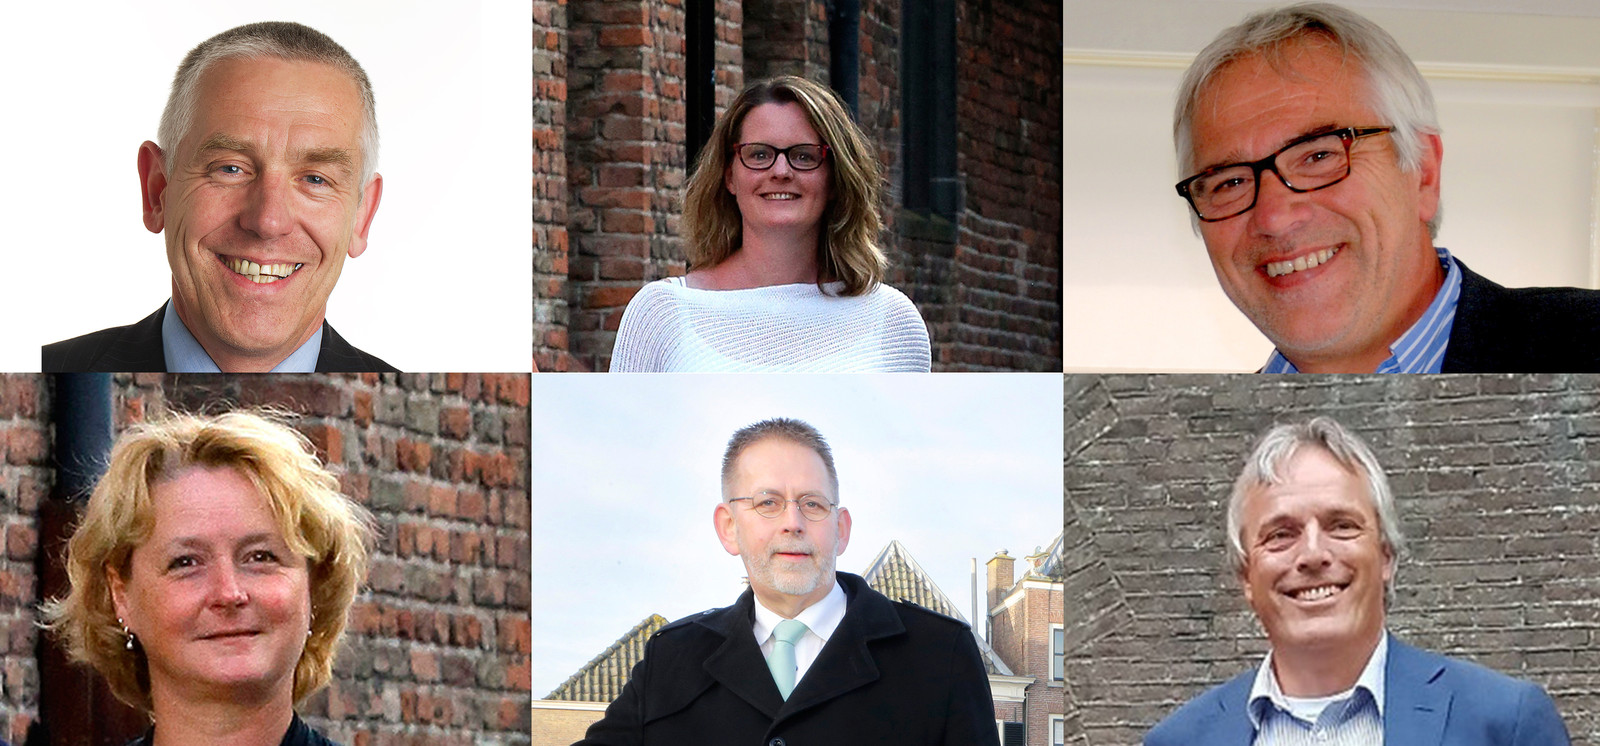 Dit zijn de wethouders in Vijfheerenlanden. Boven (vlnr): Marcel Verweij, Tirtsa Kamstra en Cees Taal. Beneden (vlnr): Christa Hendriksen, Maks Middelkoop en Huib Zevenhuizen.